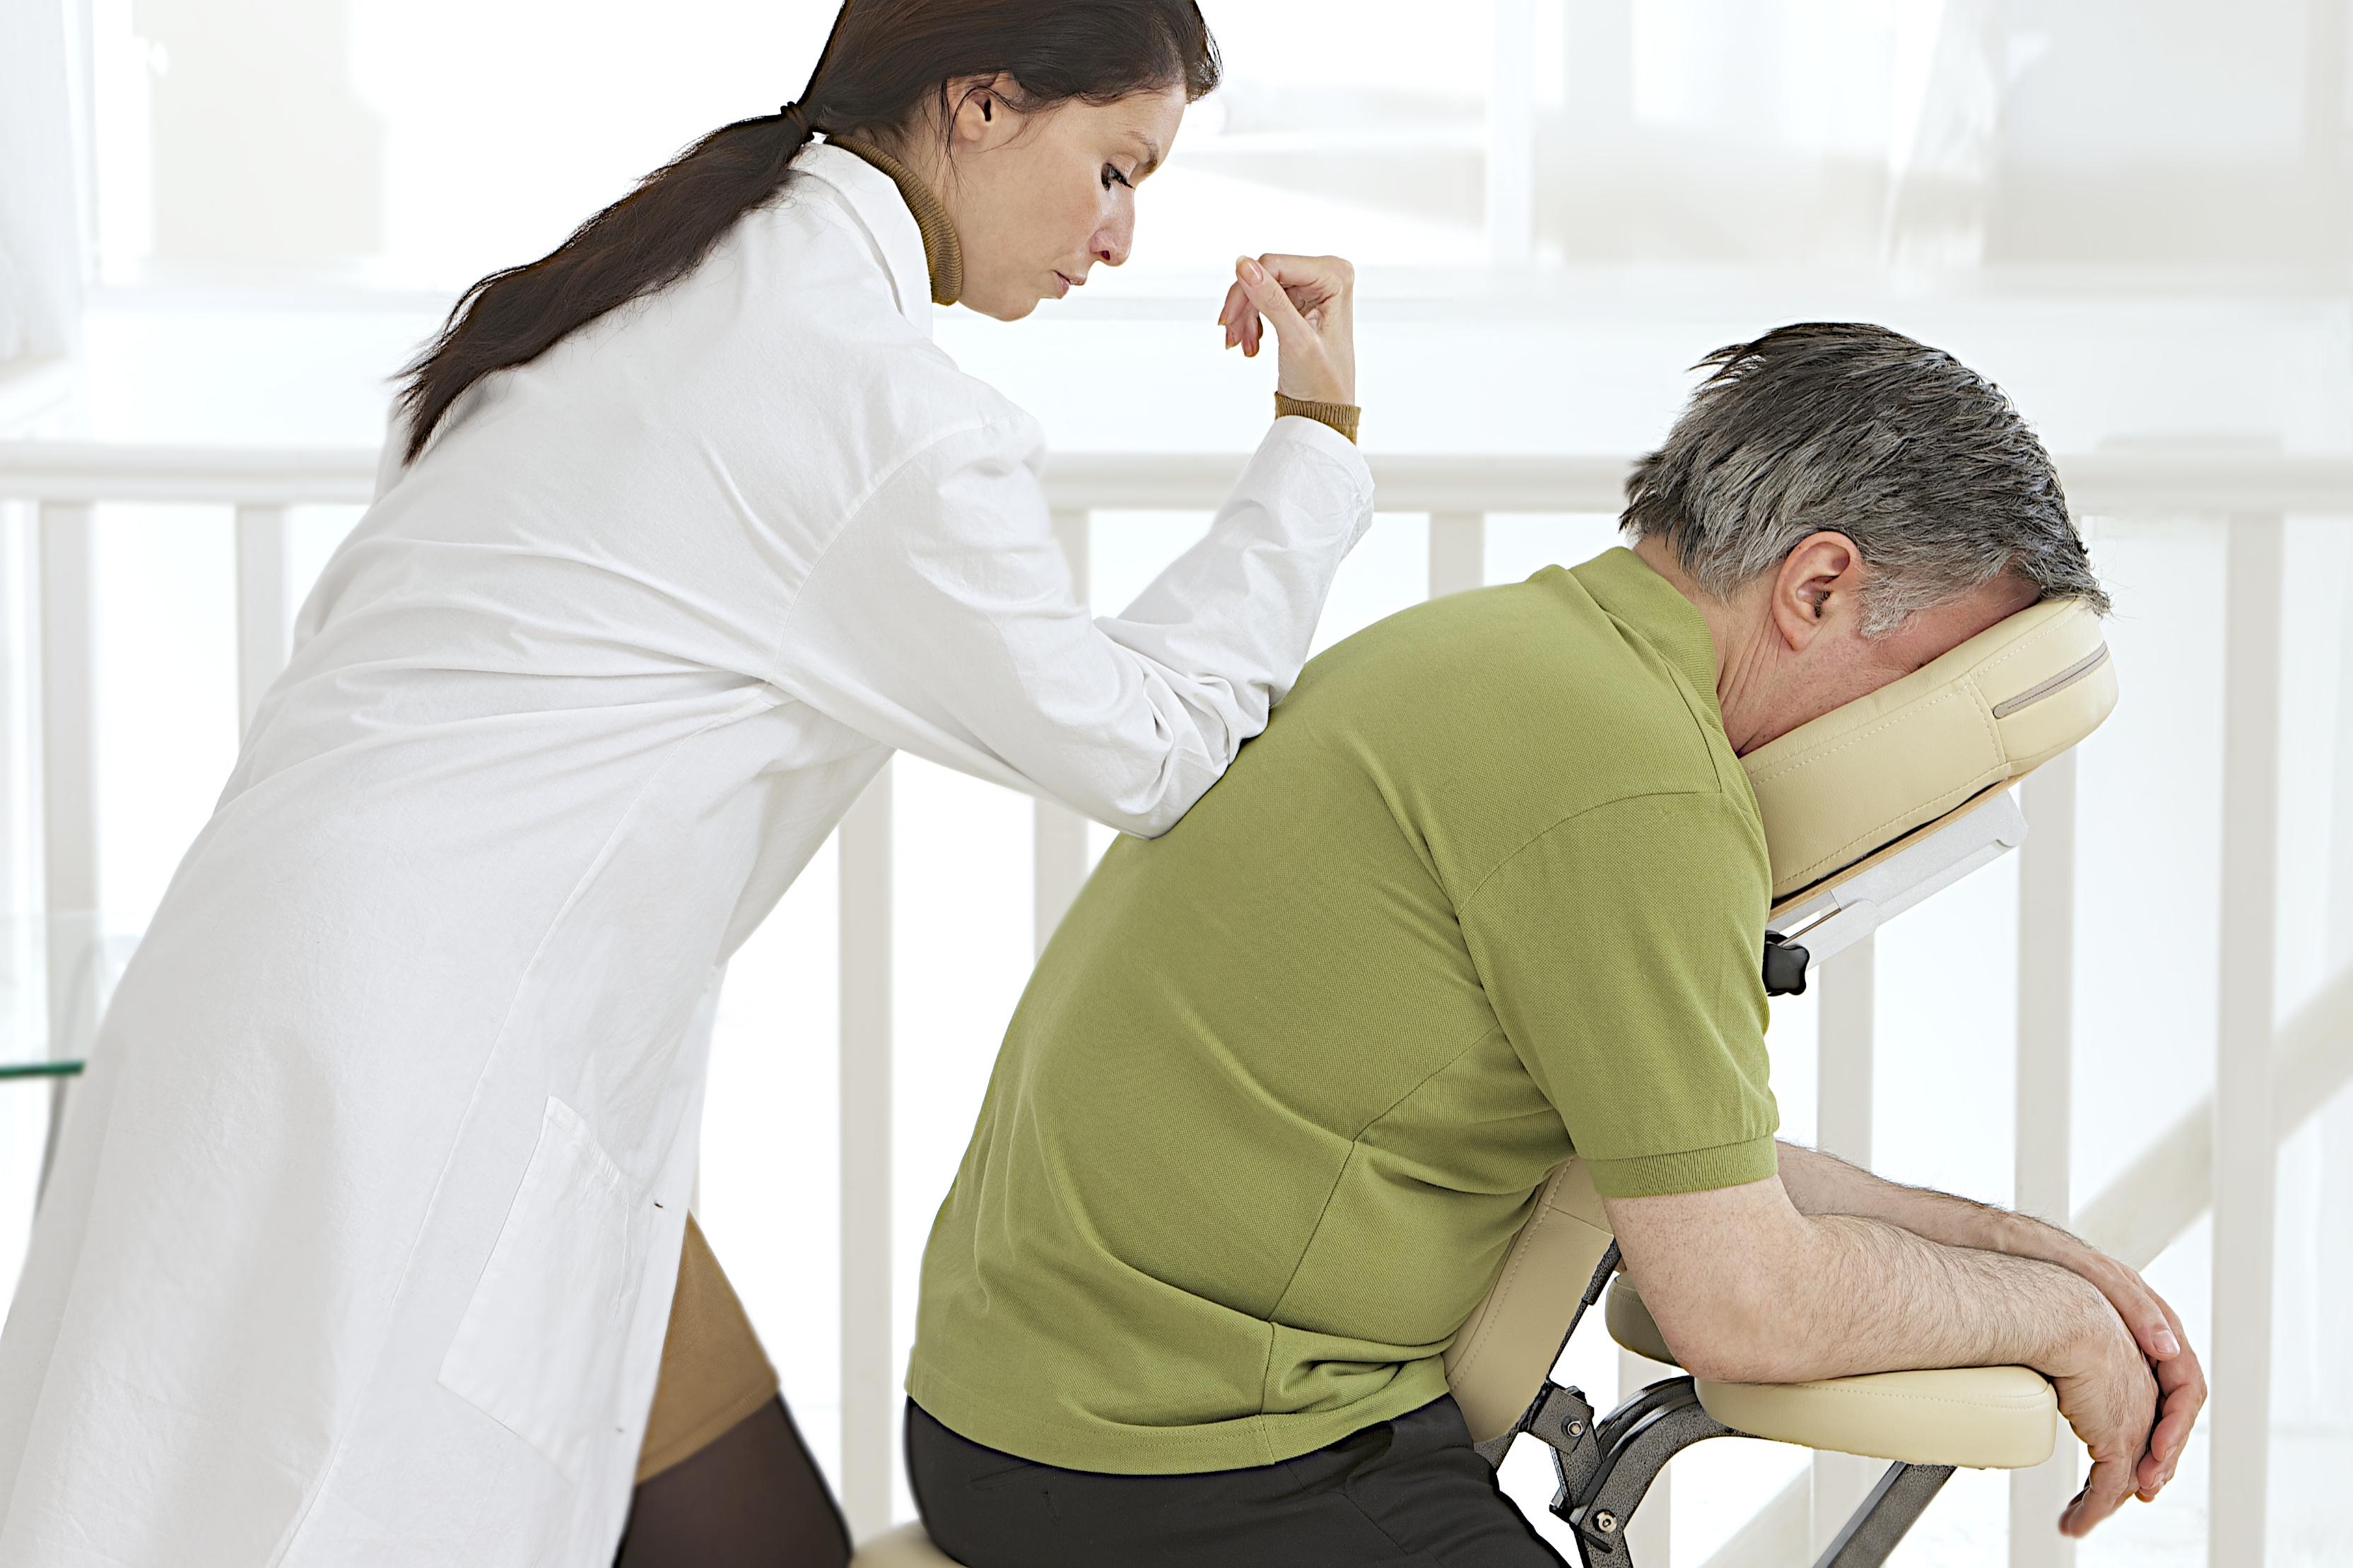 Energimassage, sittande massage